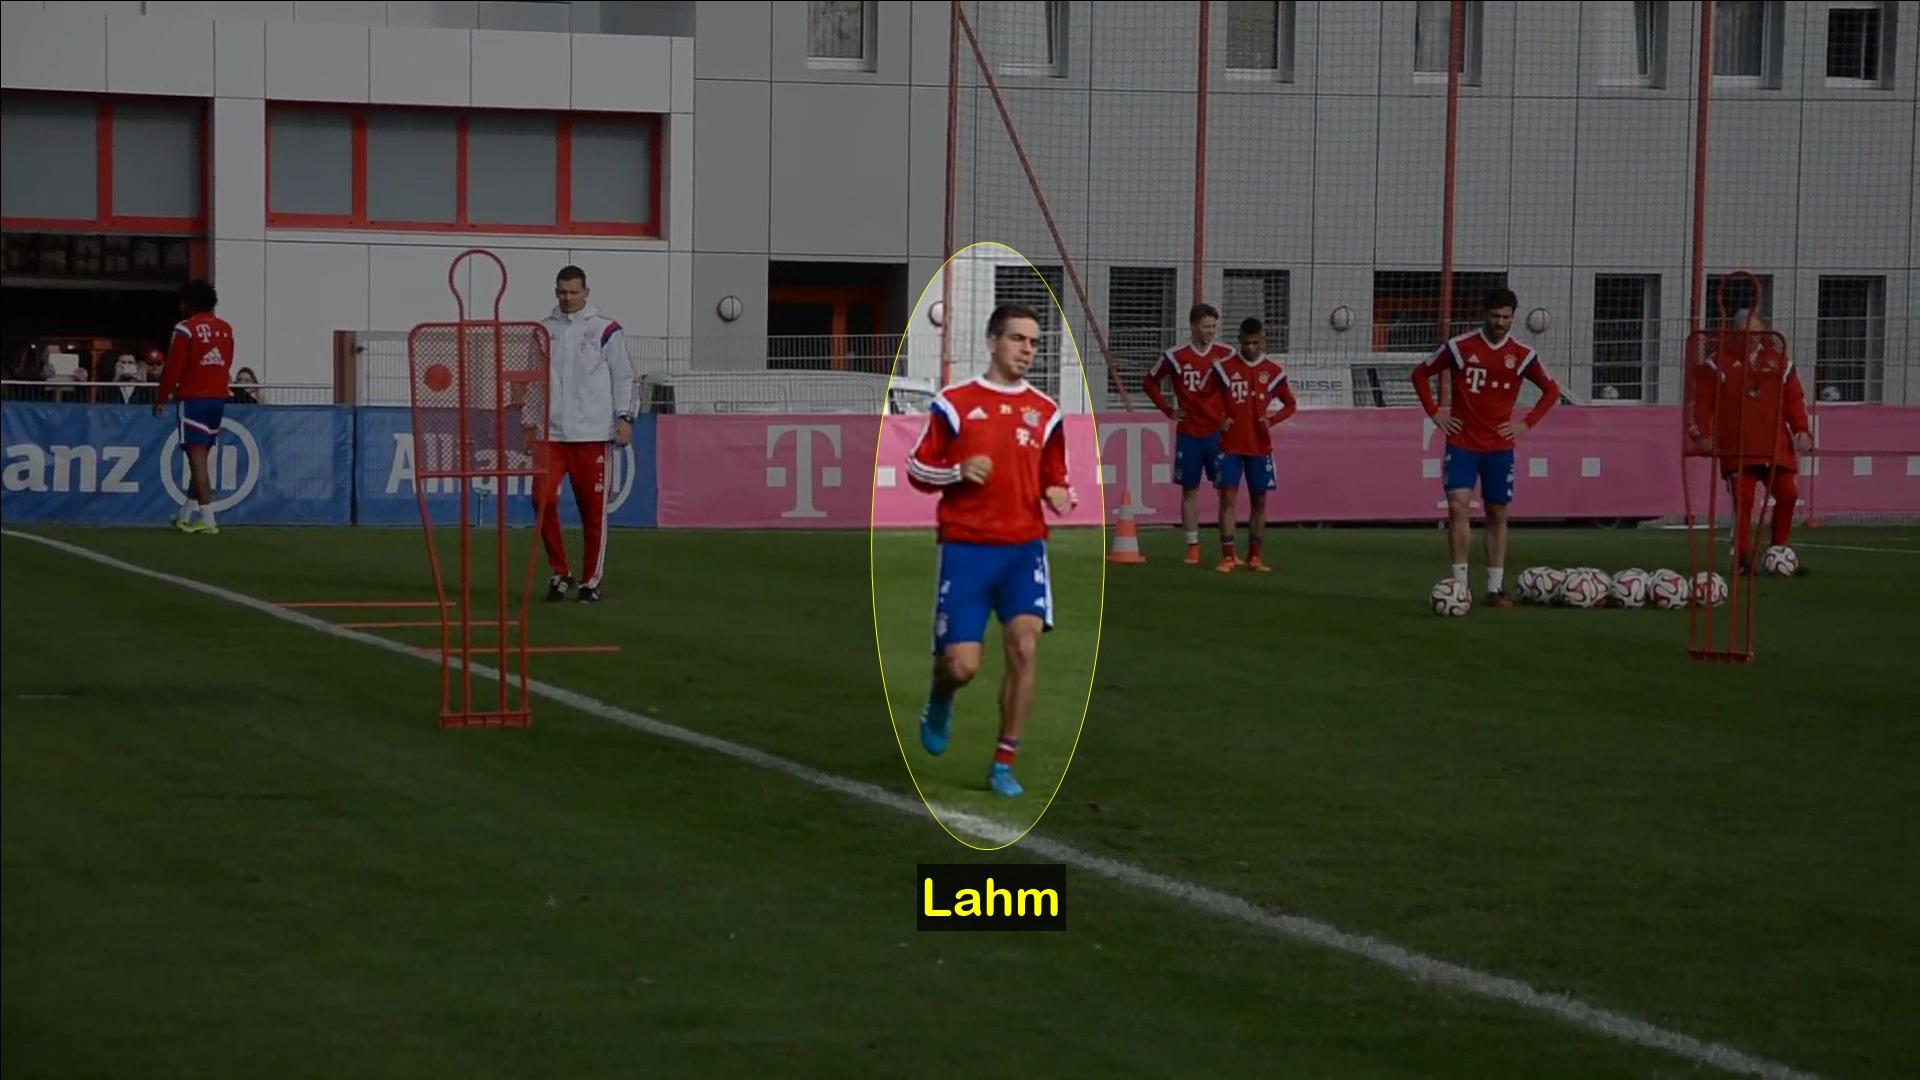 Lahm entrenando en un circuito en el Bayern Munich